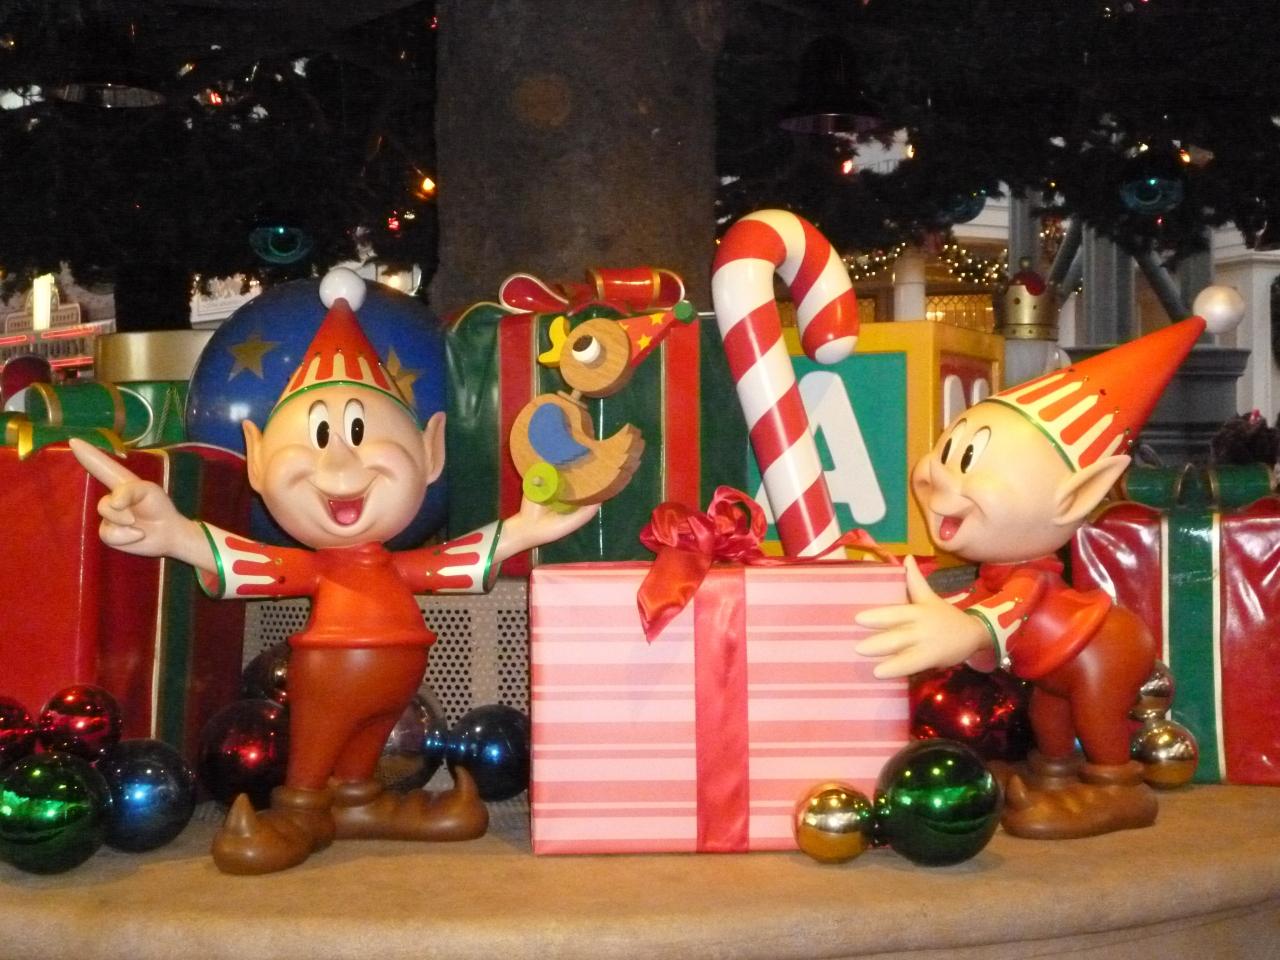 強風のクリスマスディズニーランド 2014』千葉県の旅行記・ブログ by